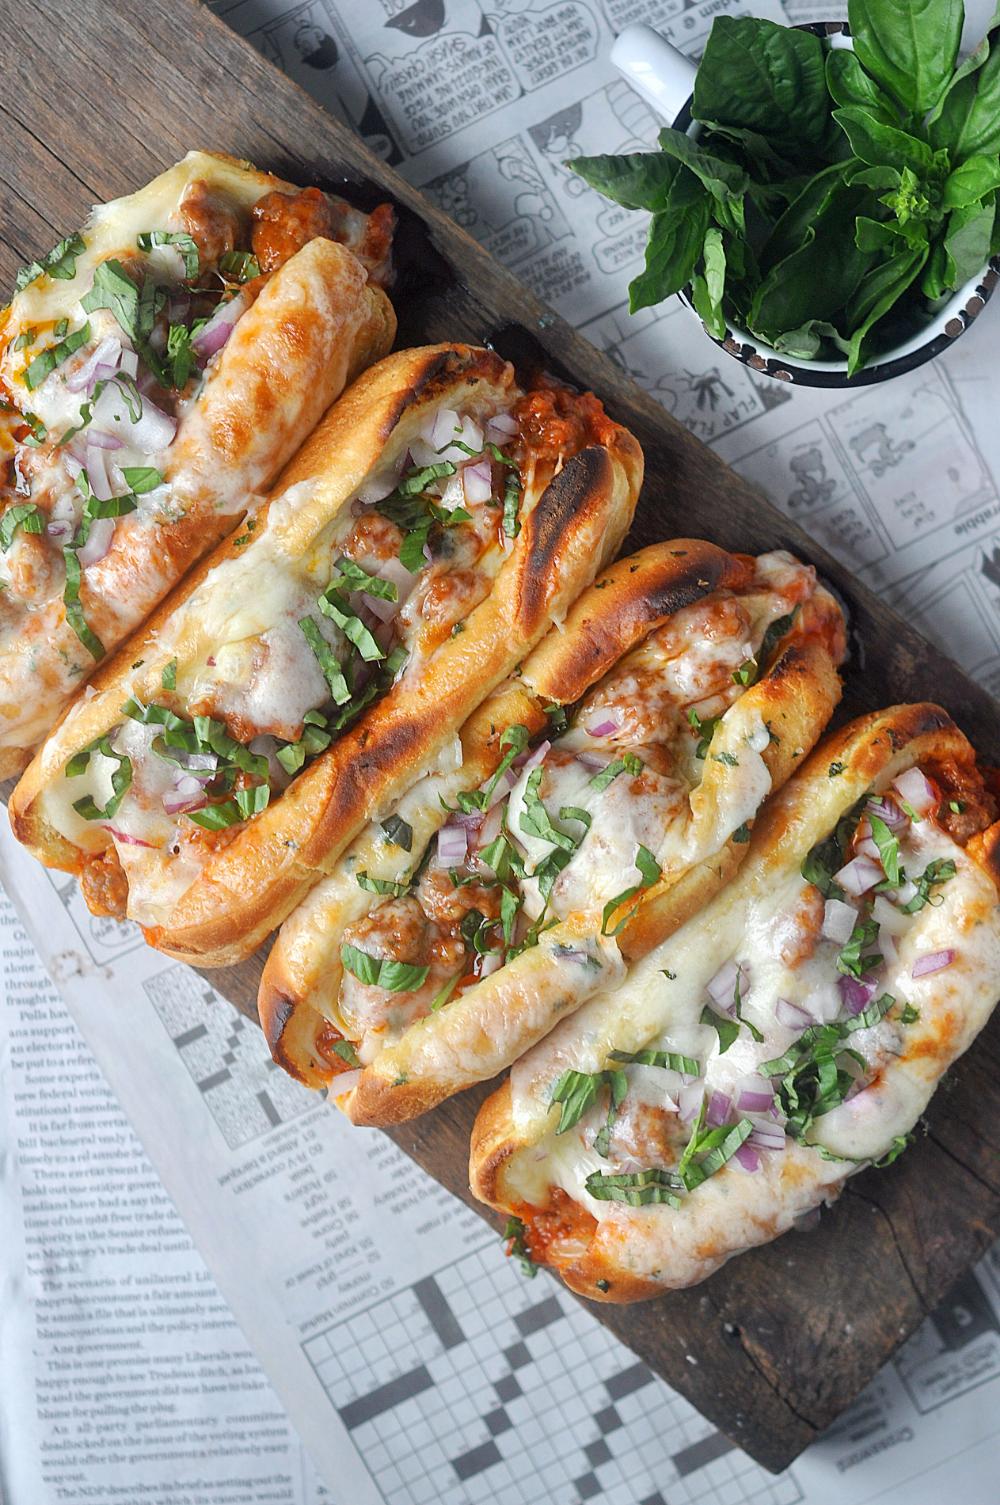 Garlic Butter Italian Sausage Sandwiches - Little Kitchen. Big World